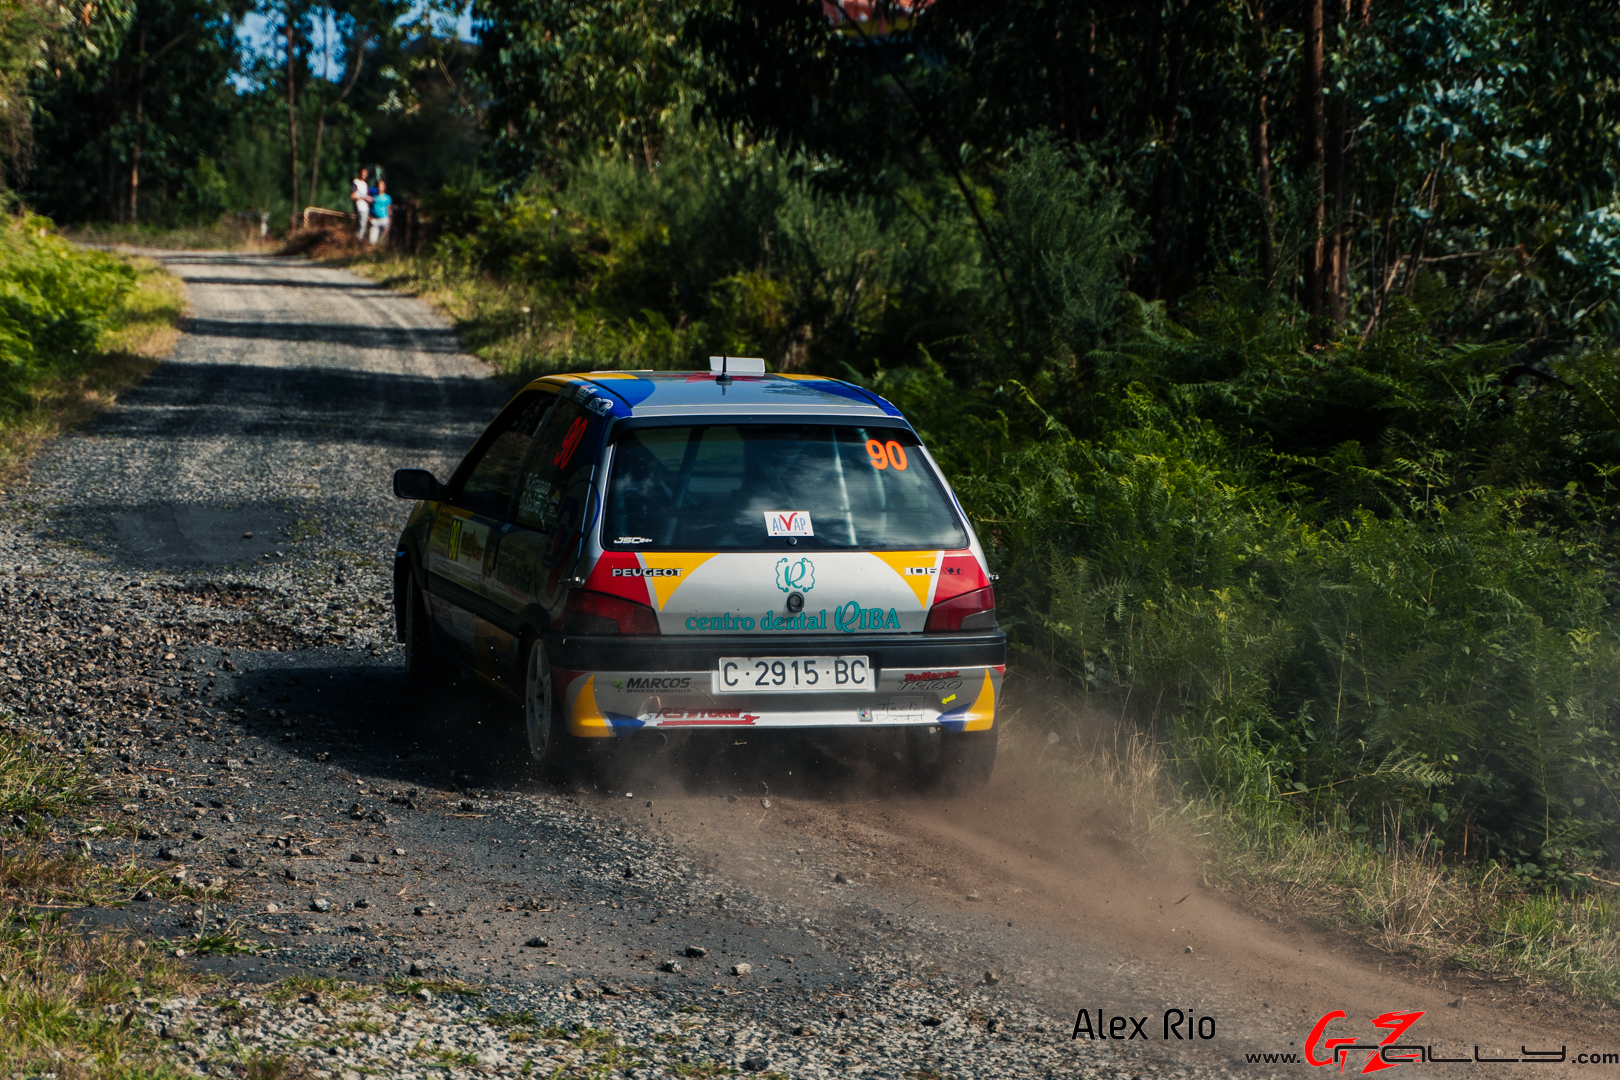 Rally de Ferrol 2020 - Alex Rio